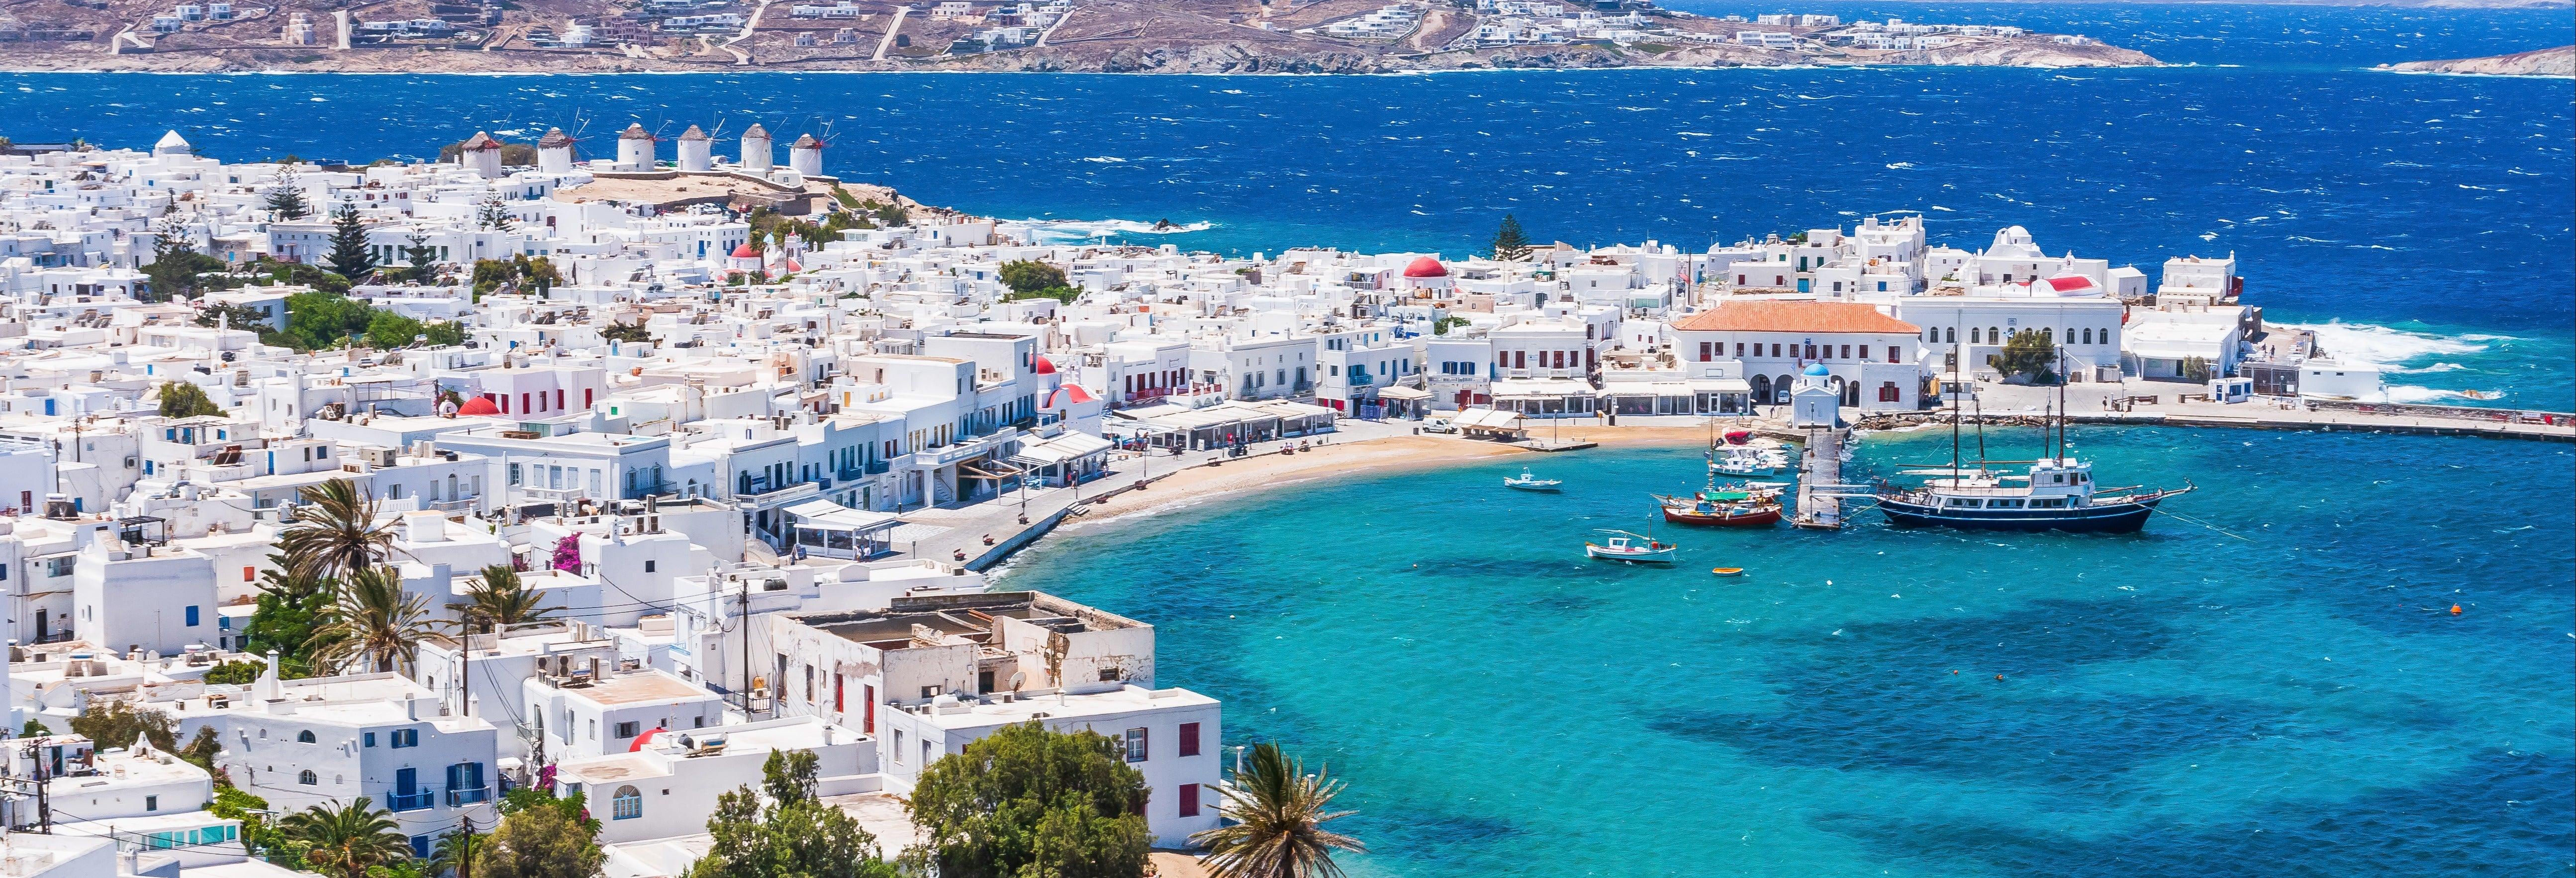 Excursion à Delos et Mykonos